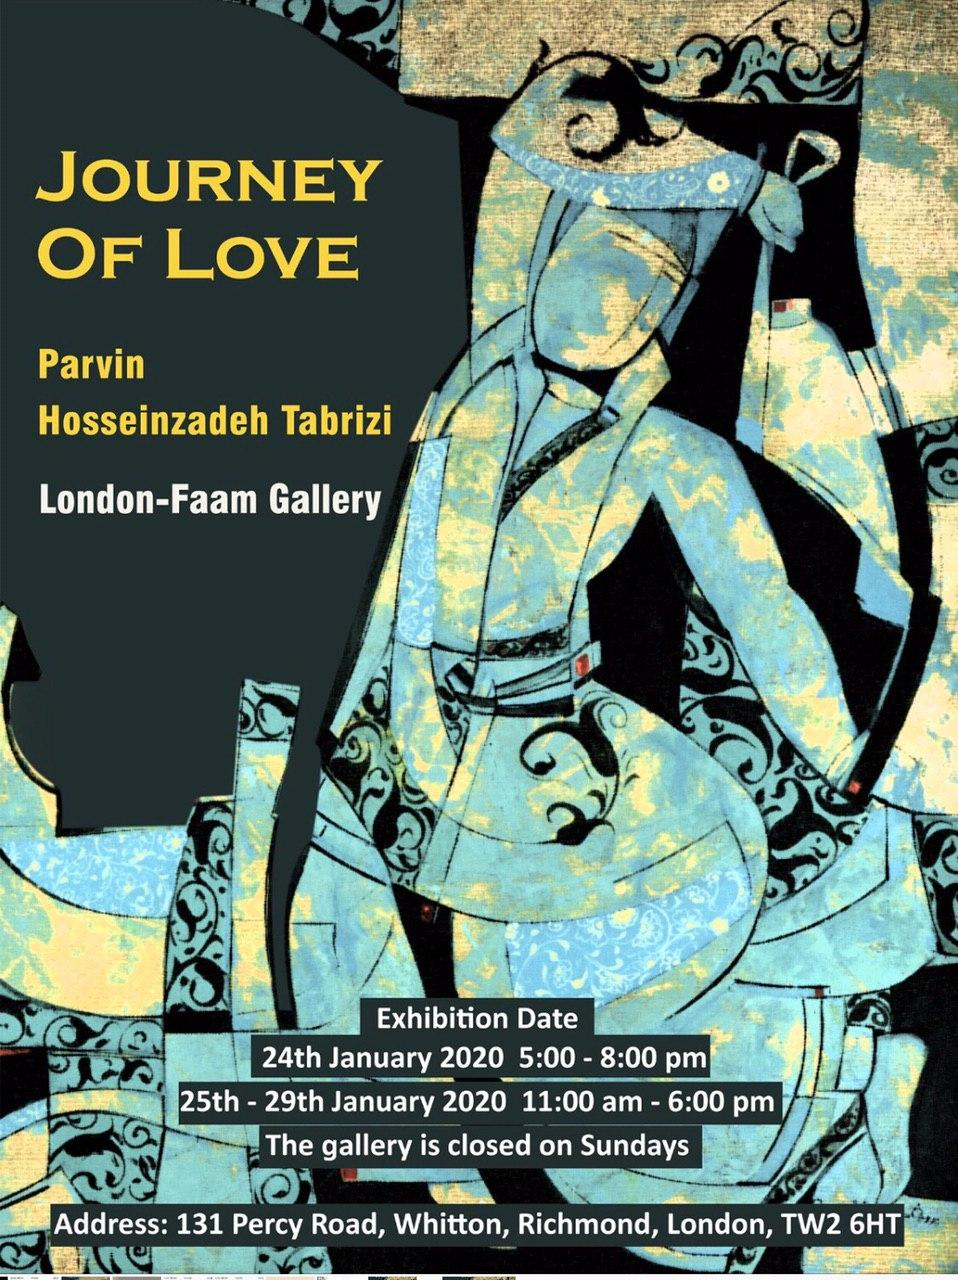 """گالری فام لندن میزبان """"سفر عشق"""" پروین حسینزاده تبریزی می شود"""